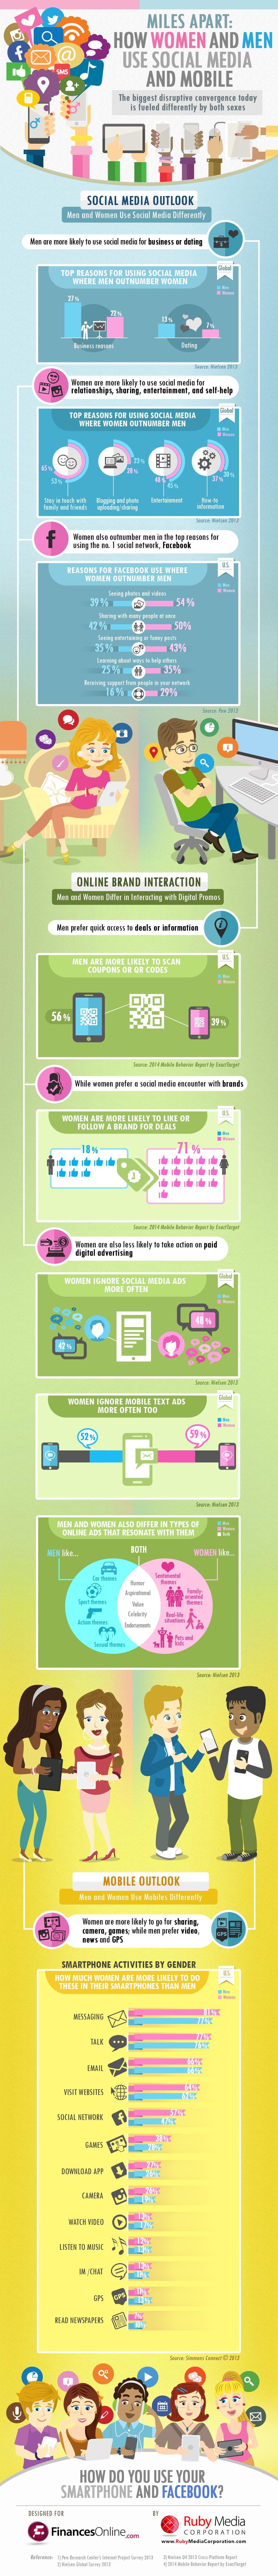 Як чоловіки та жінки використовують соціальні медіа та мобільні пристрої.